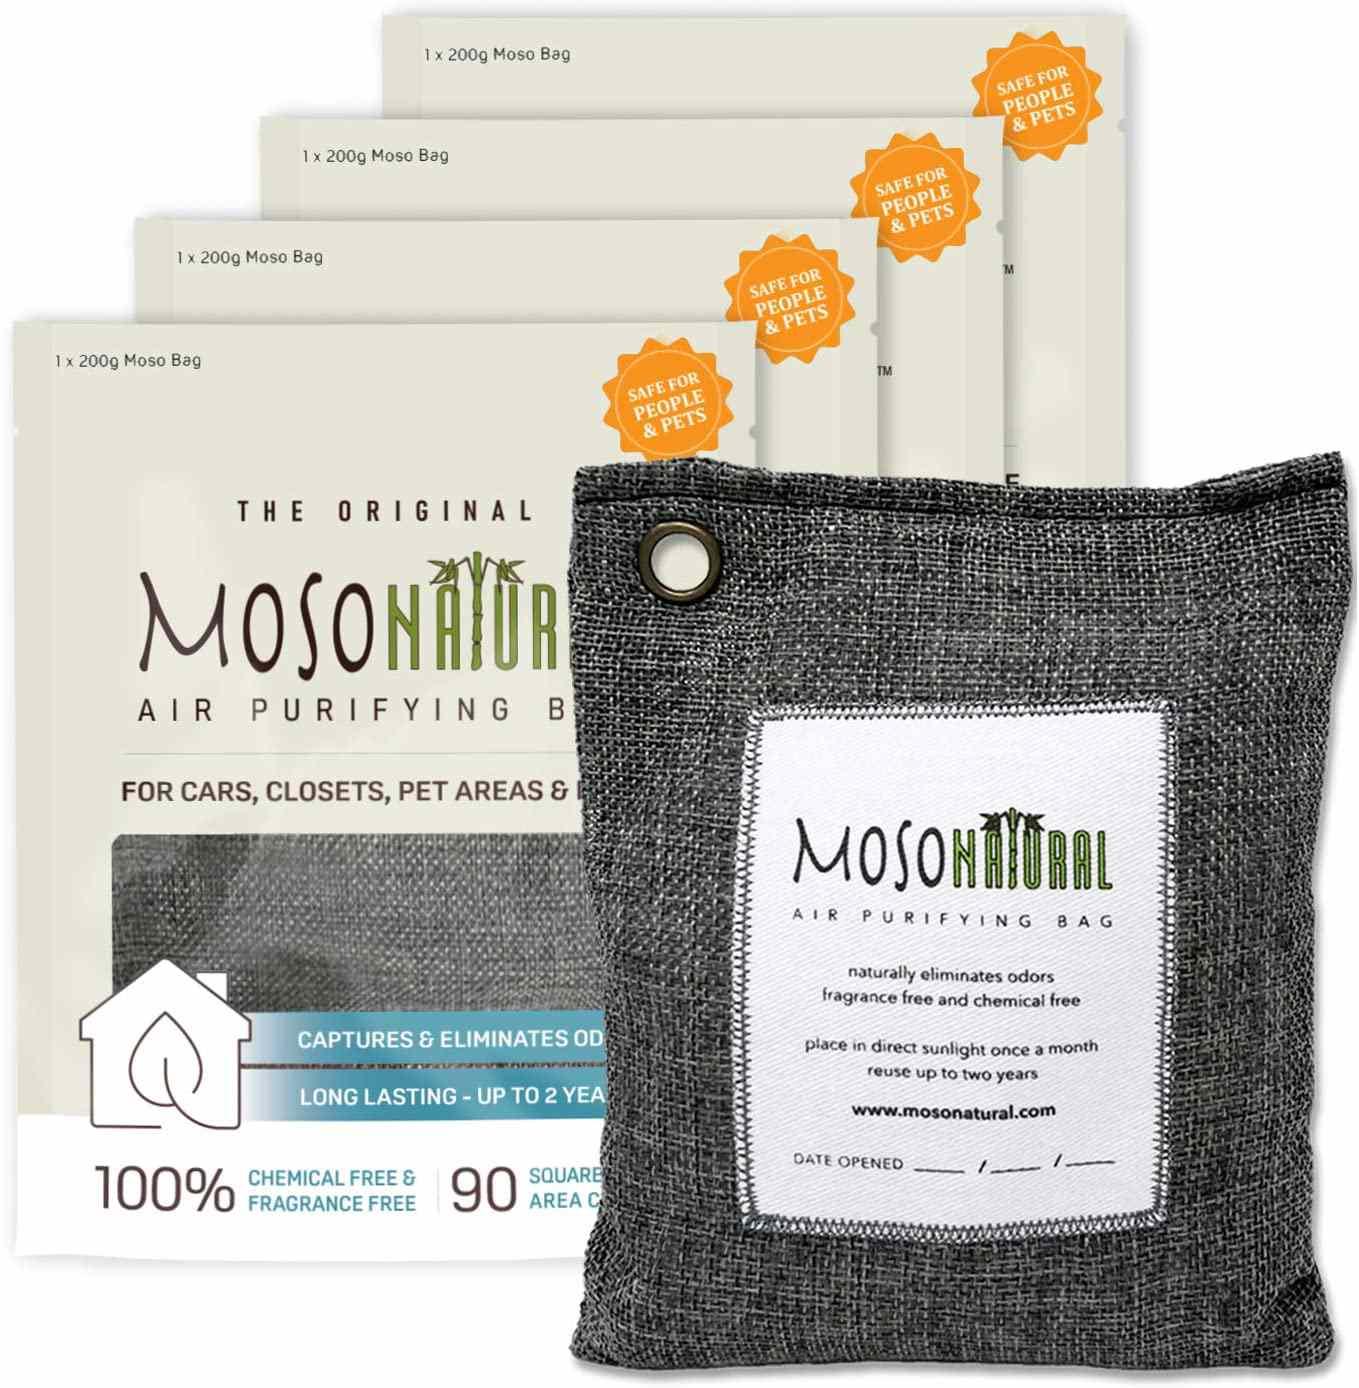 MOSO NATURAL: The Original Air Purifying Bag